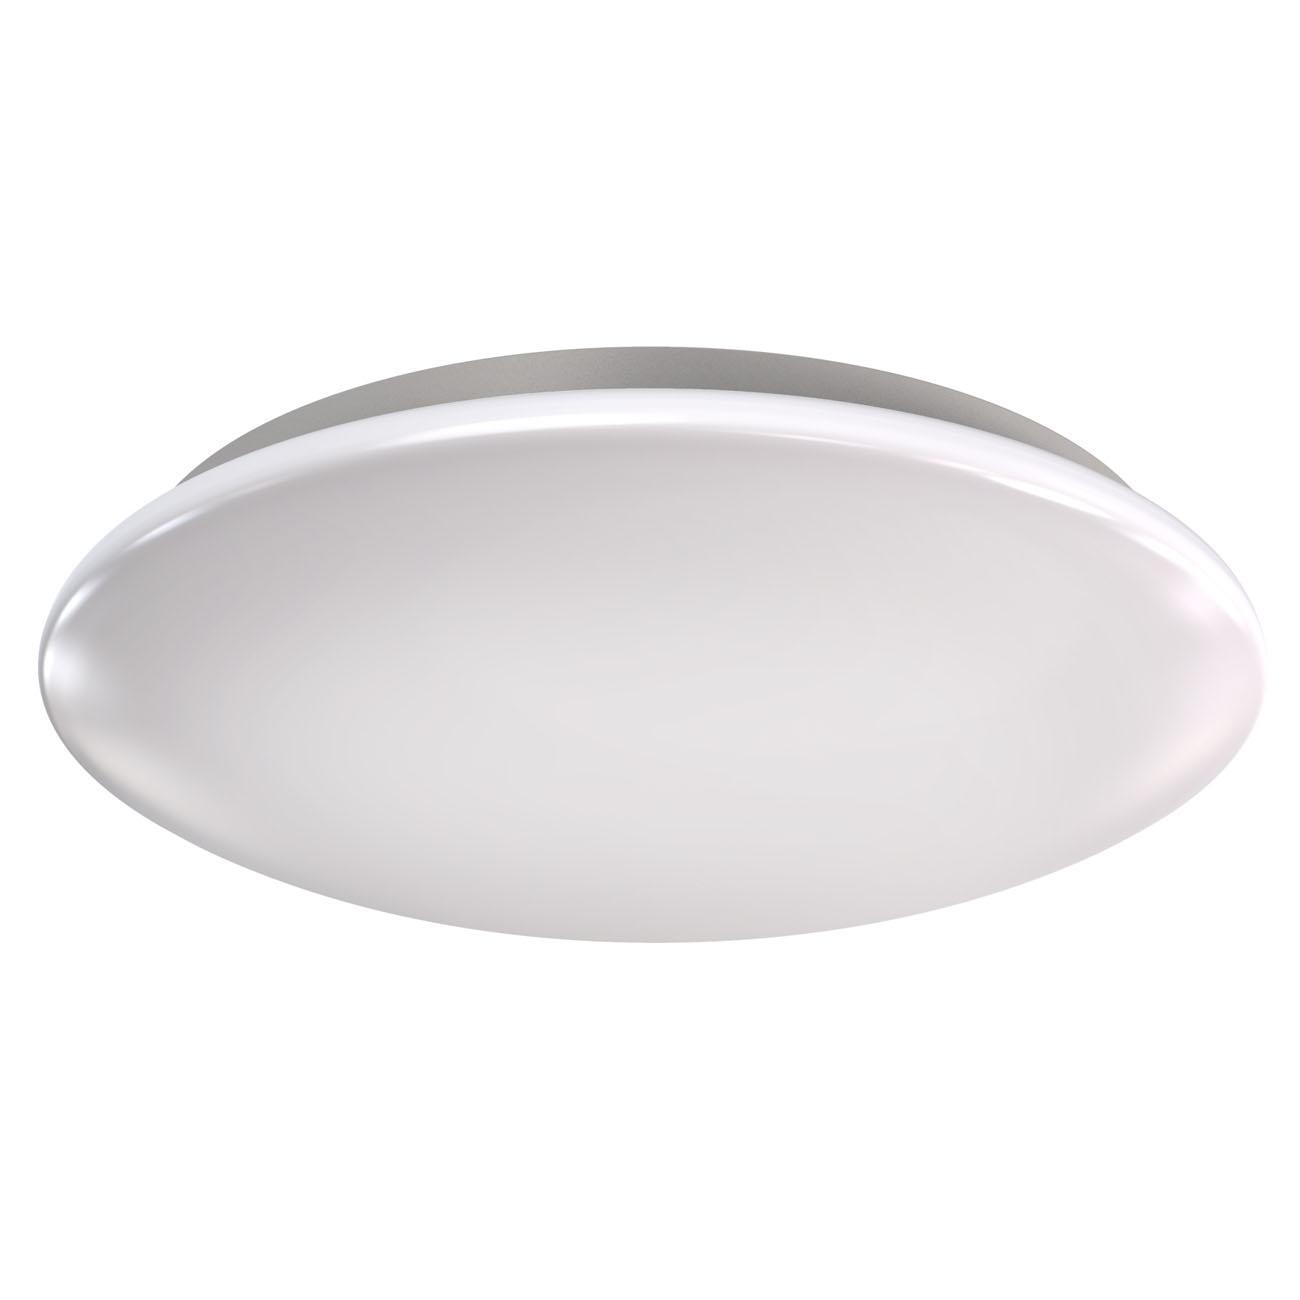 LED Deckenleuchte Badlampe mit Sensor IP44